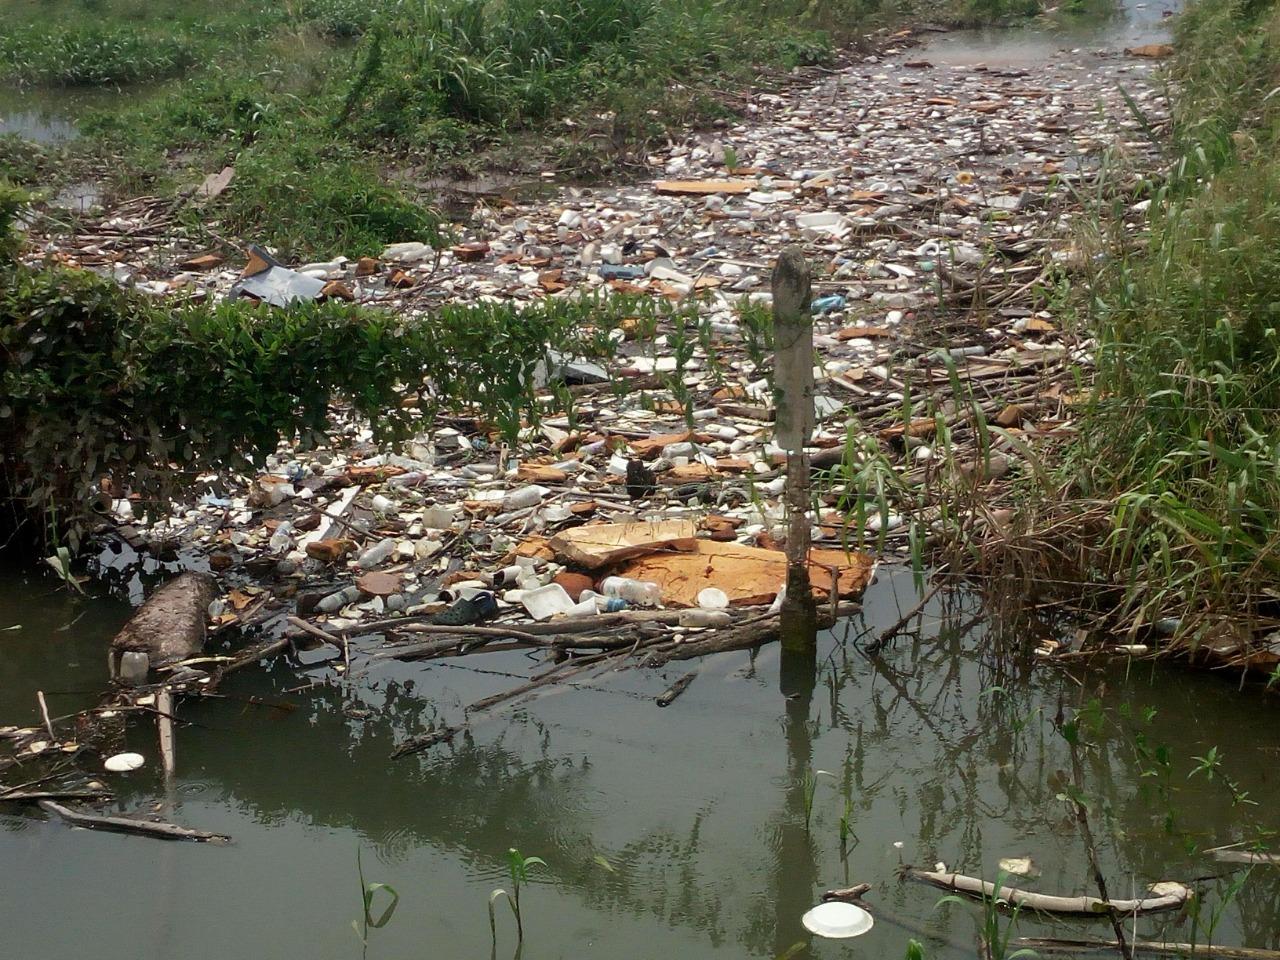 Las basuras de un lote vecino estarían siendo arrastradas hasta el canal.